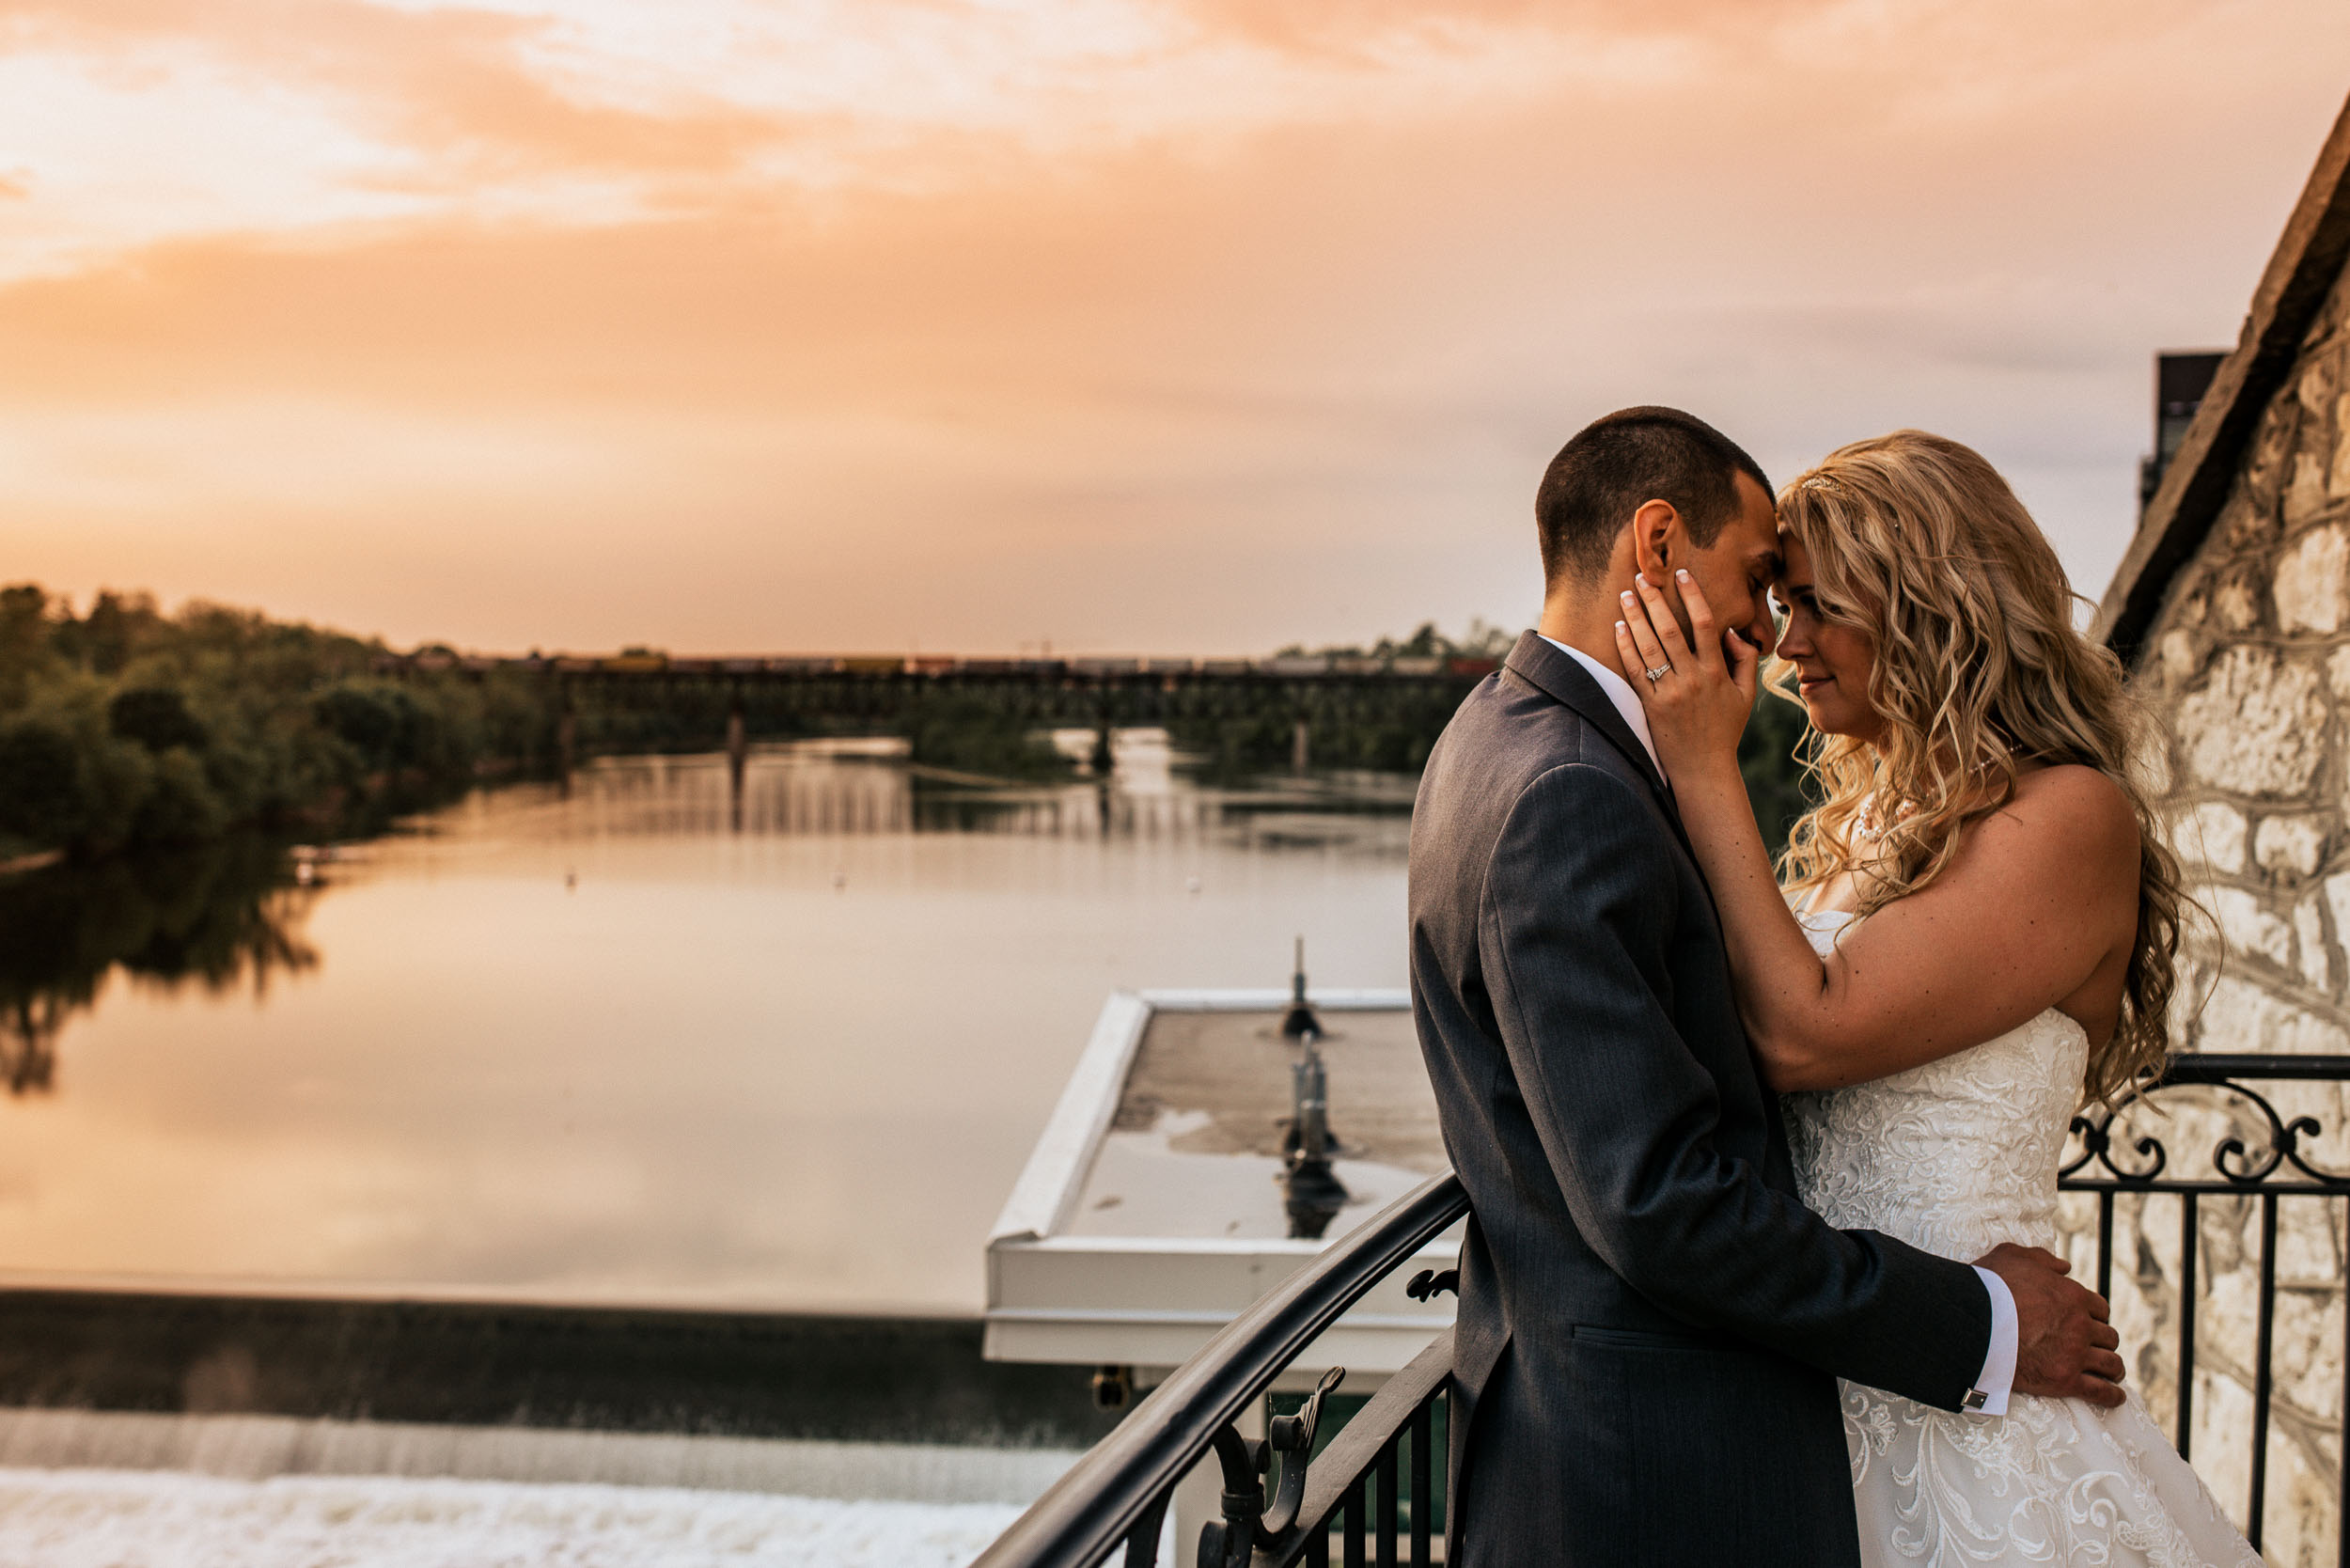 wedding-photography-stratford-davidiam-040.jpg